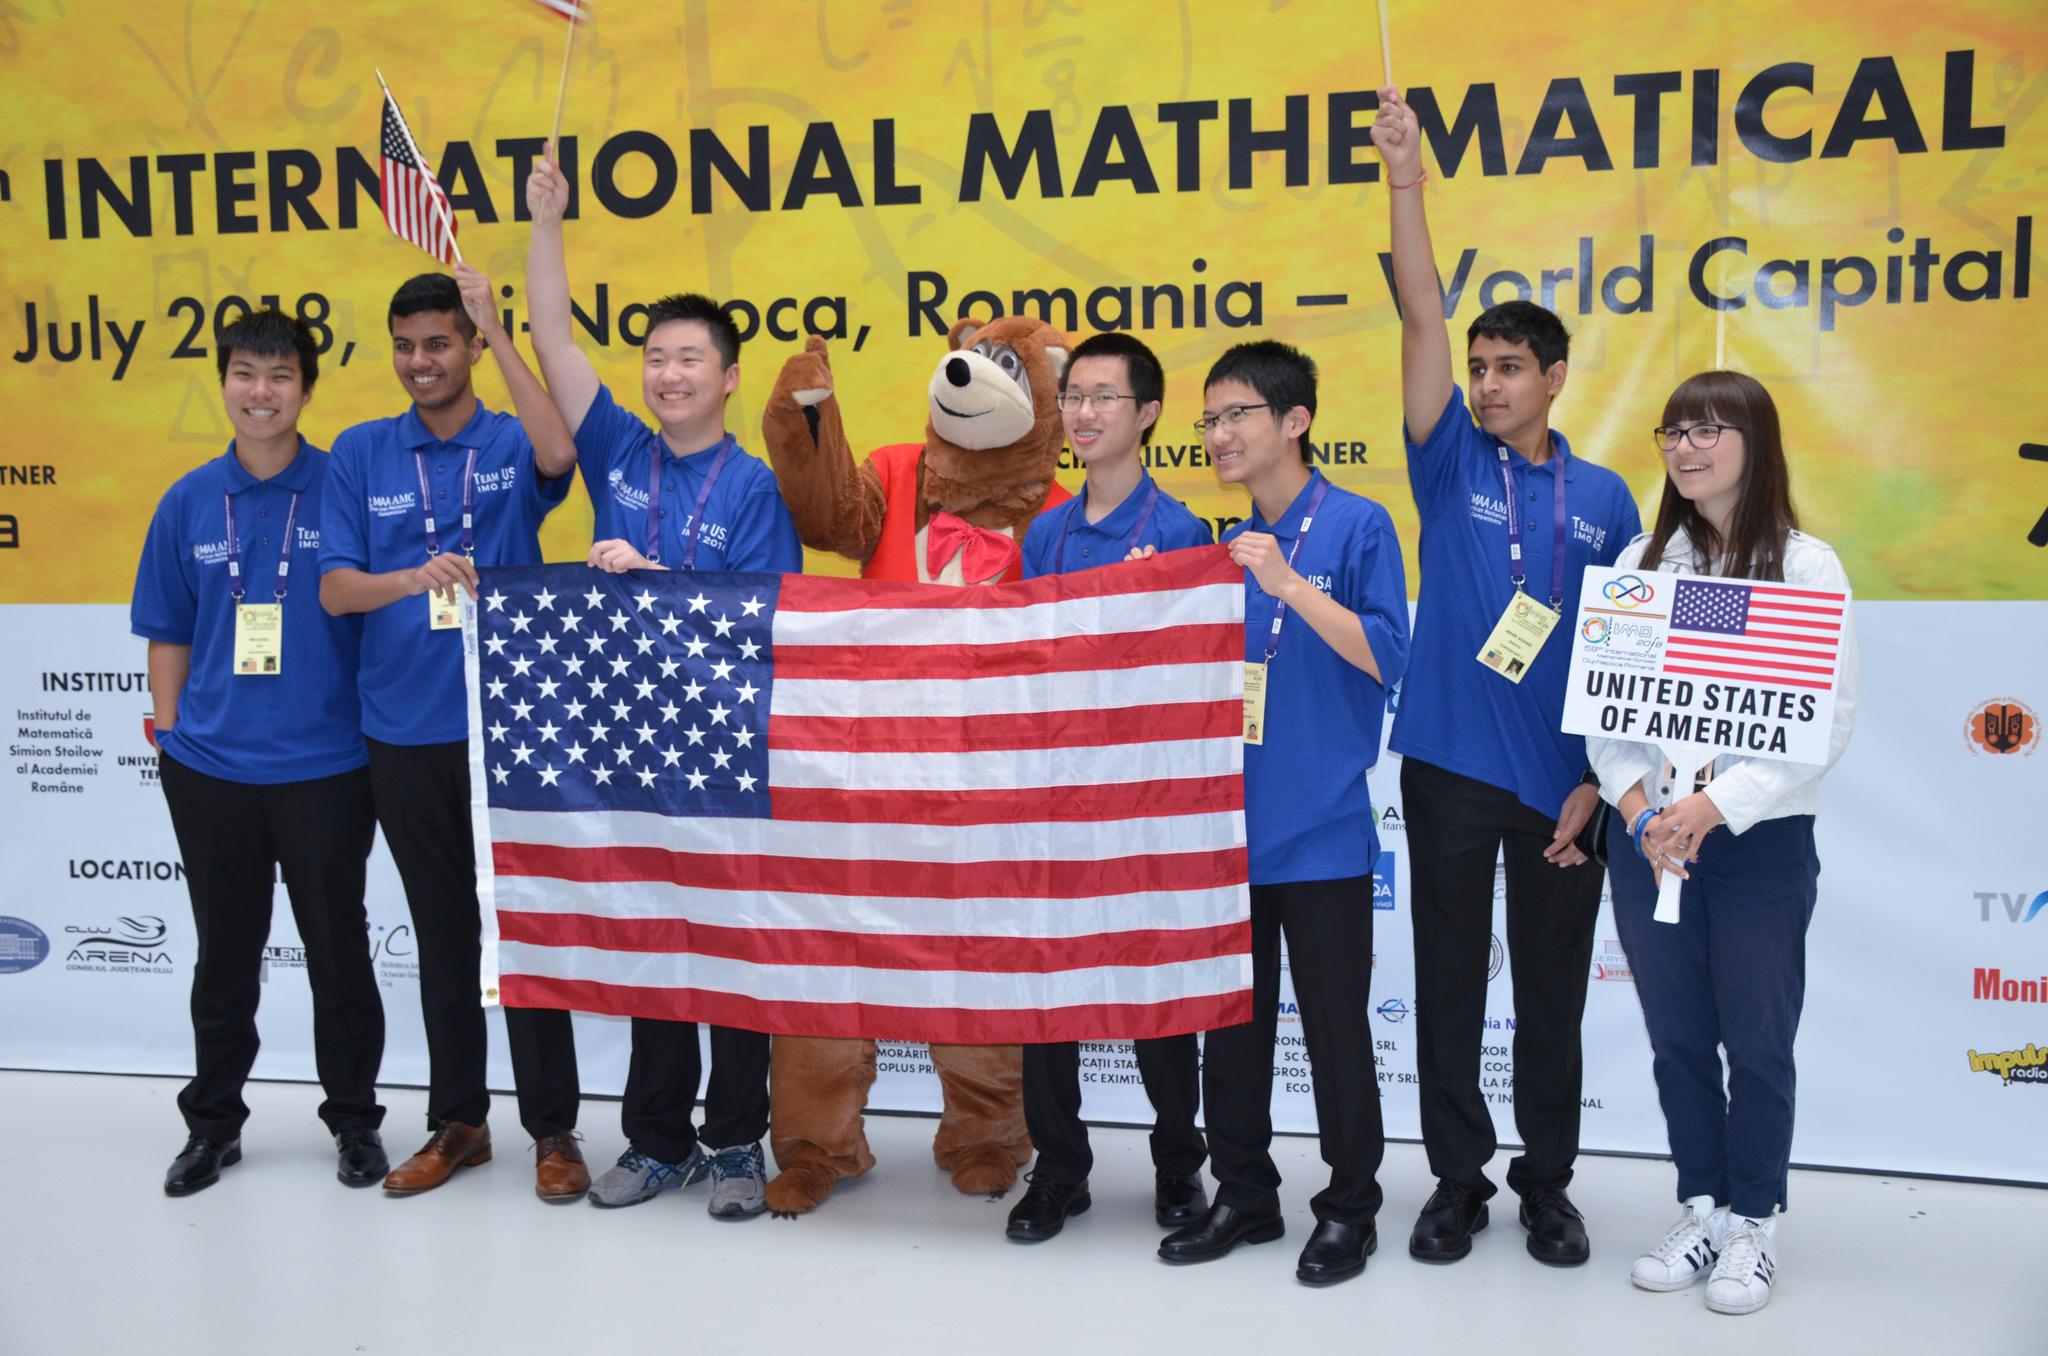 Sete pessoas e um urso mascote em pé atrás de uma bandeira americana (Associação Americana de Matemática)